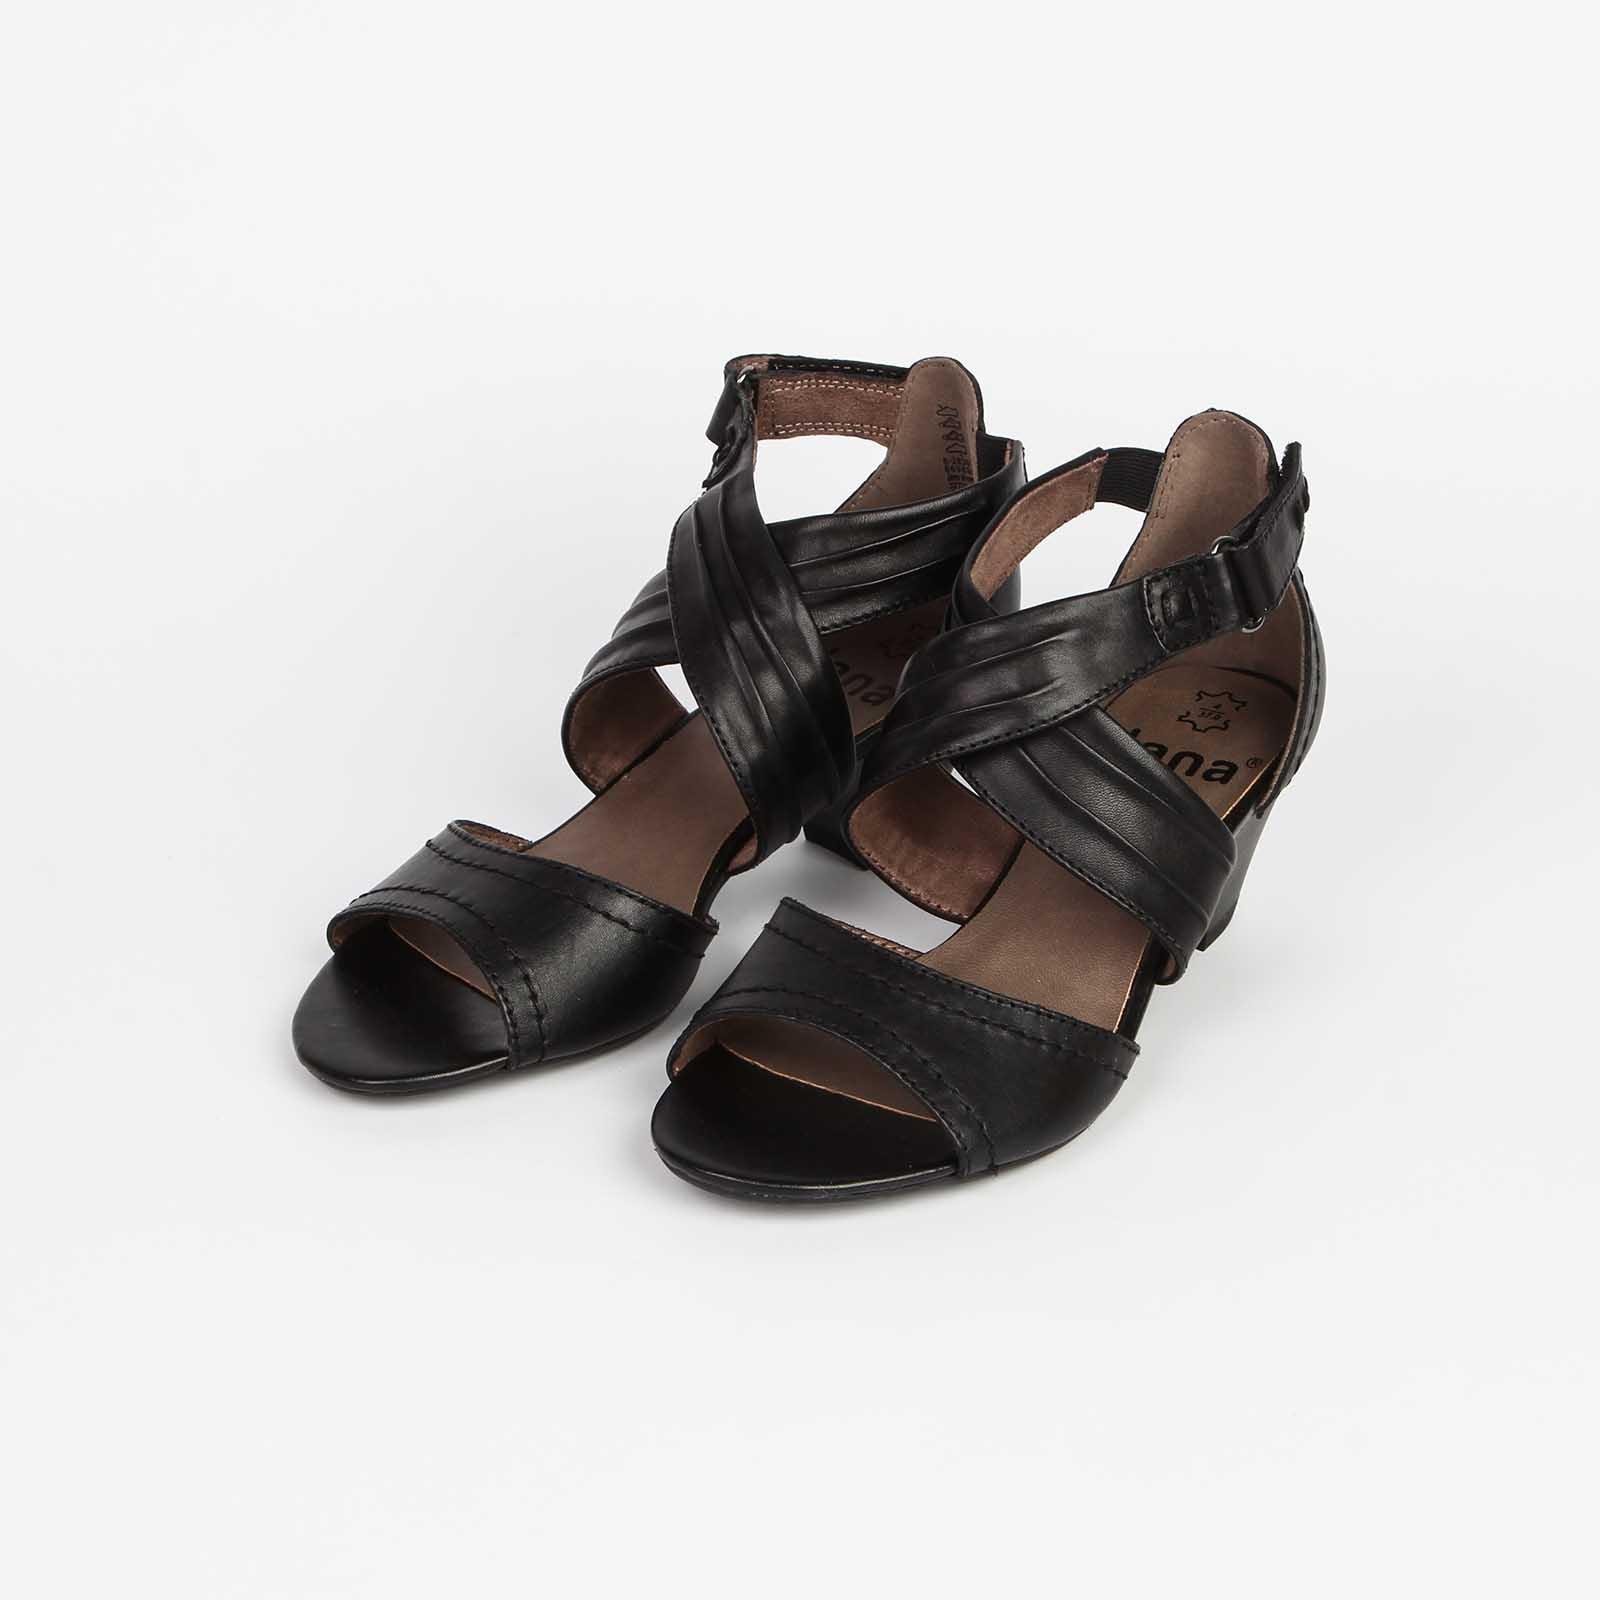 Босоножки женские из натуральной кожи  на удобном каблуке